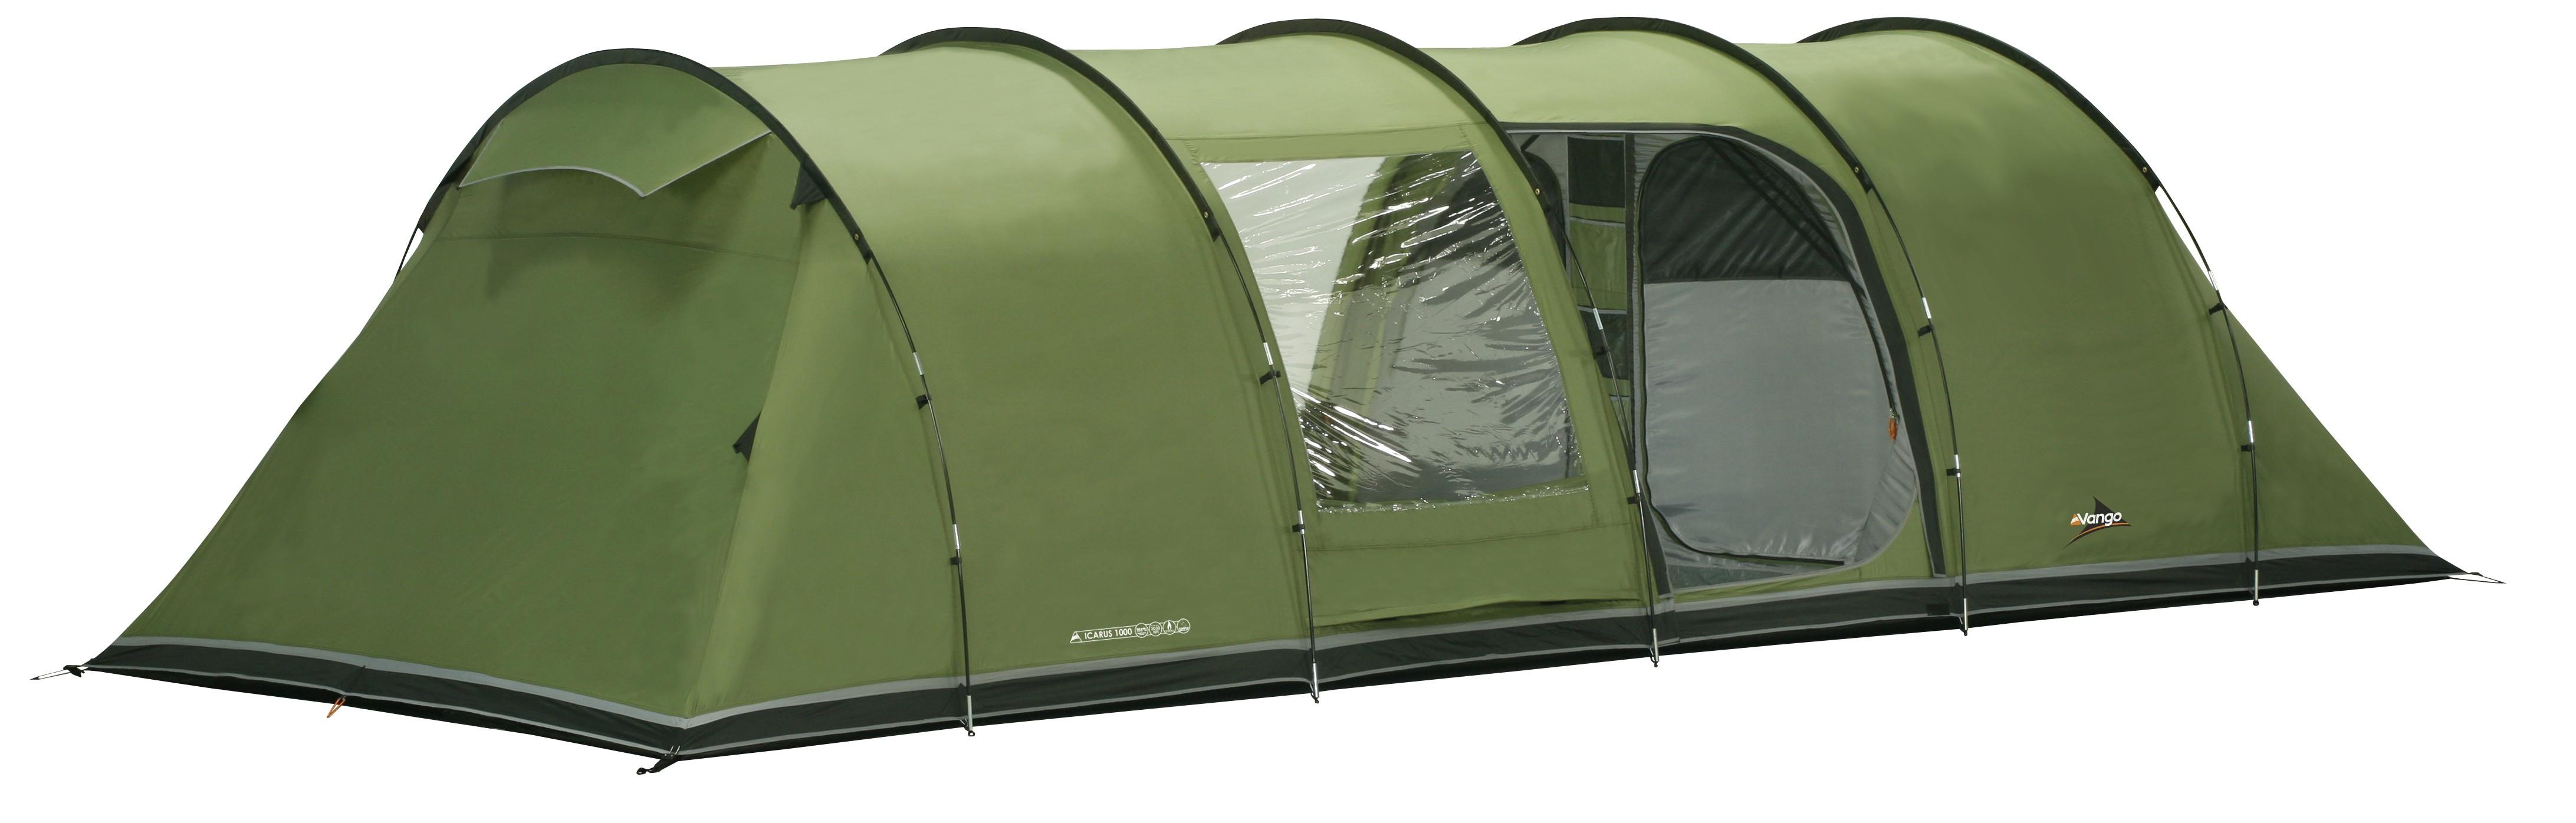 sc 1 st  Outdoor Megastore & Vango Icarus 1000 Tent